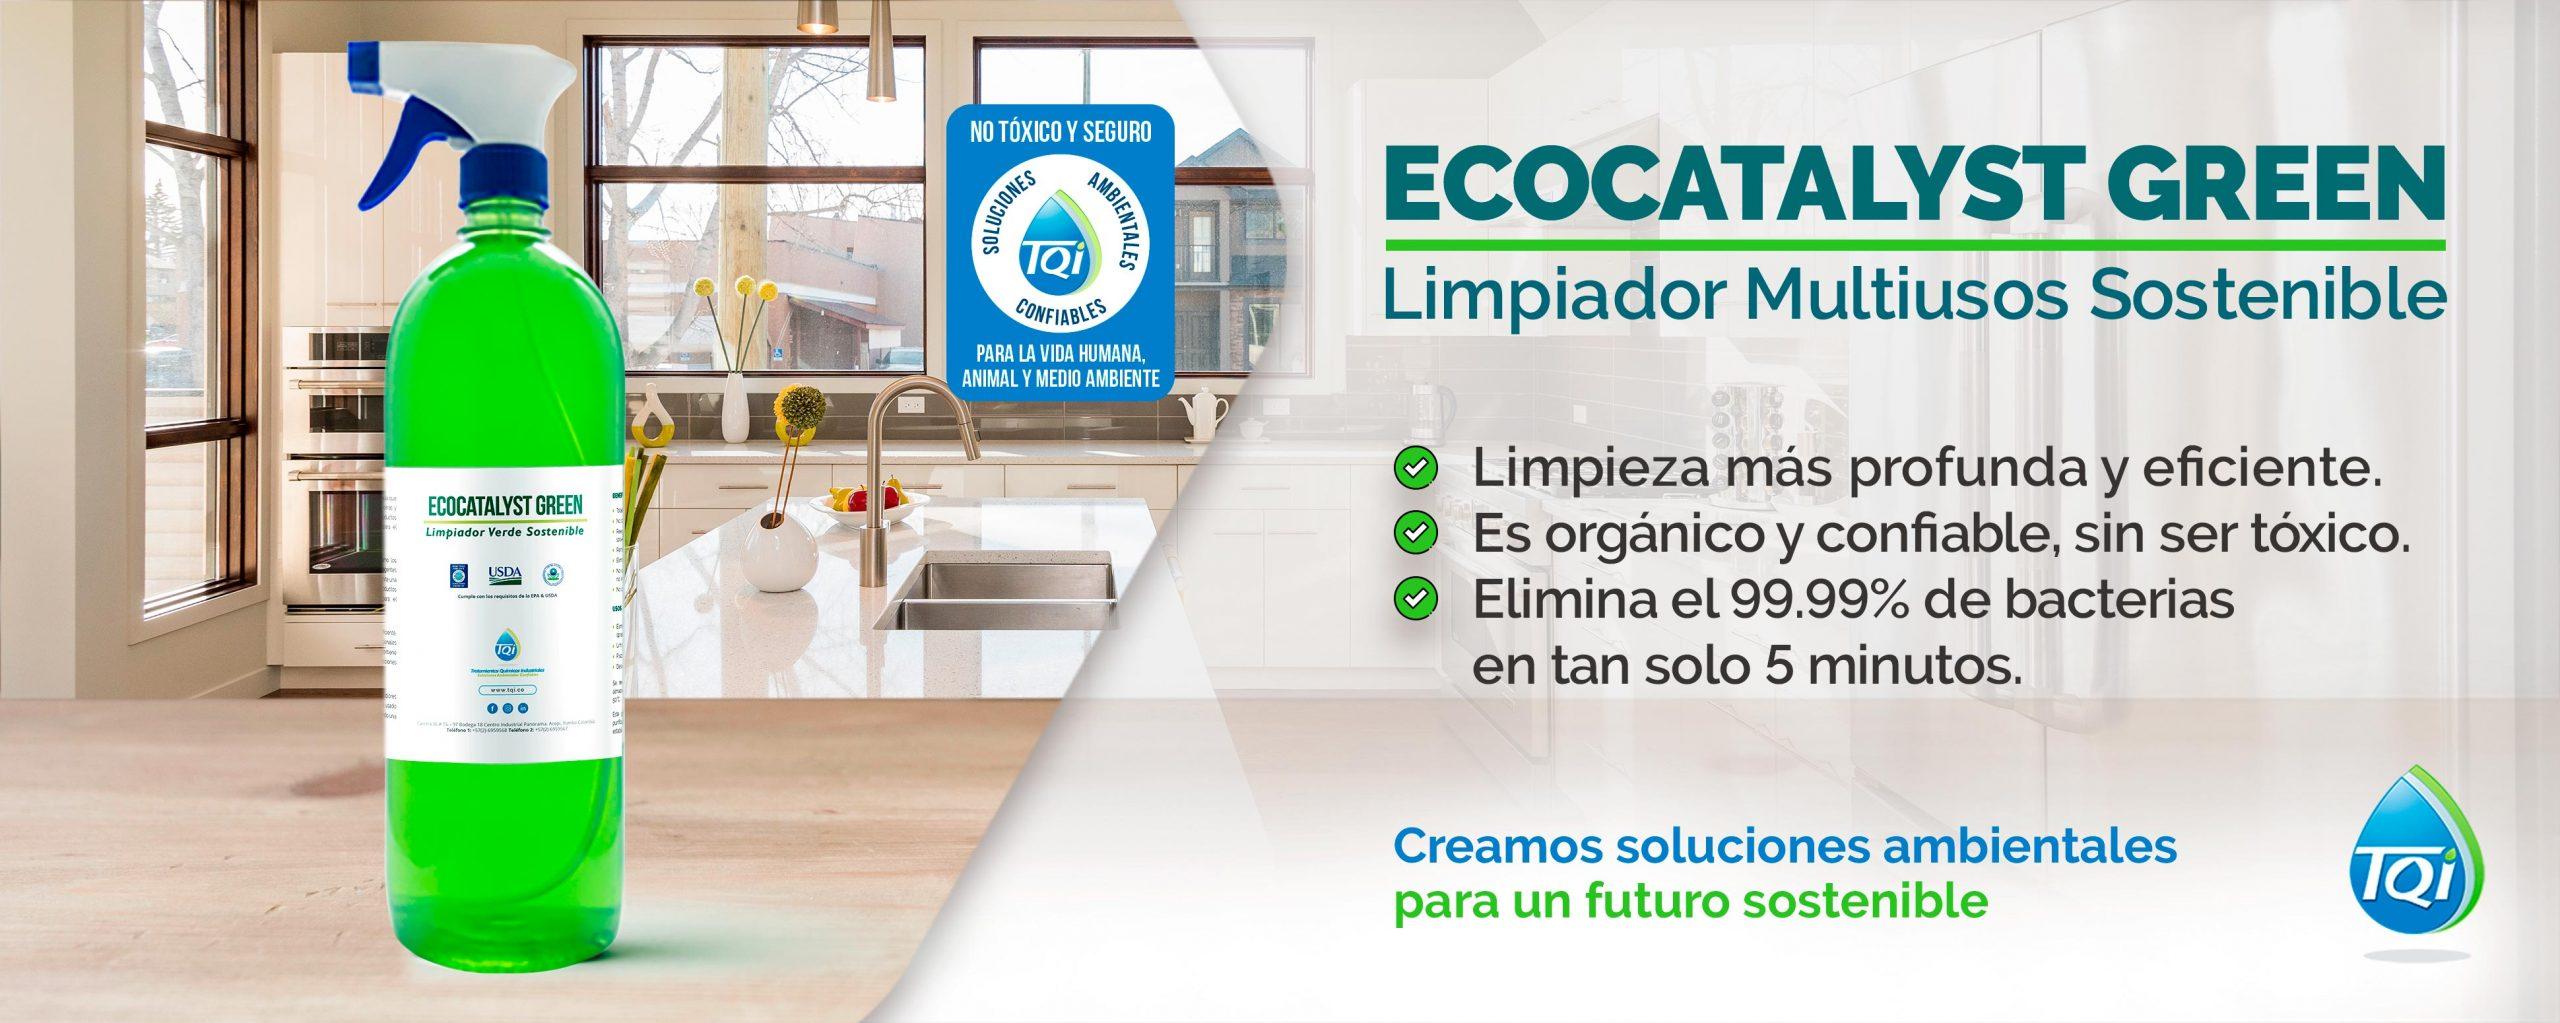 Eco Green - TQI